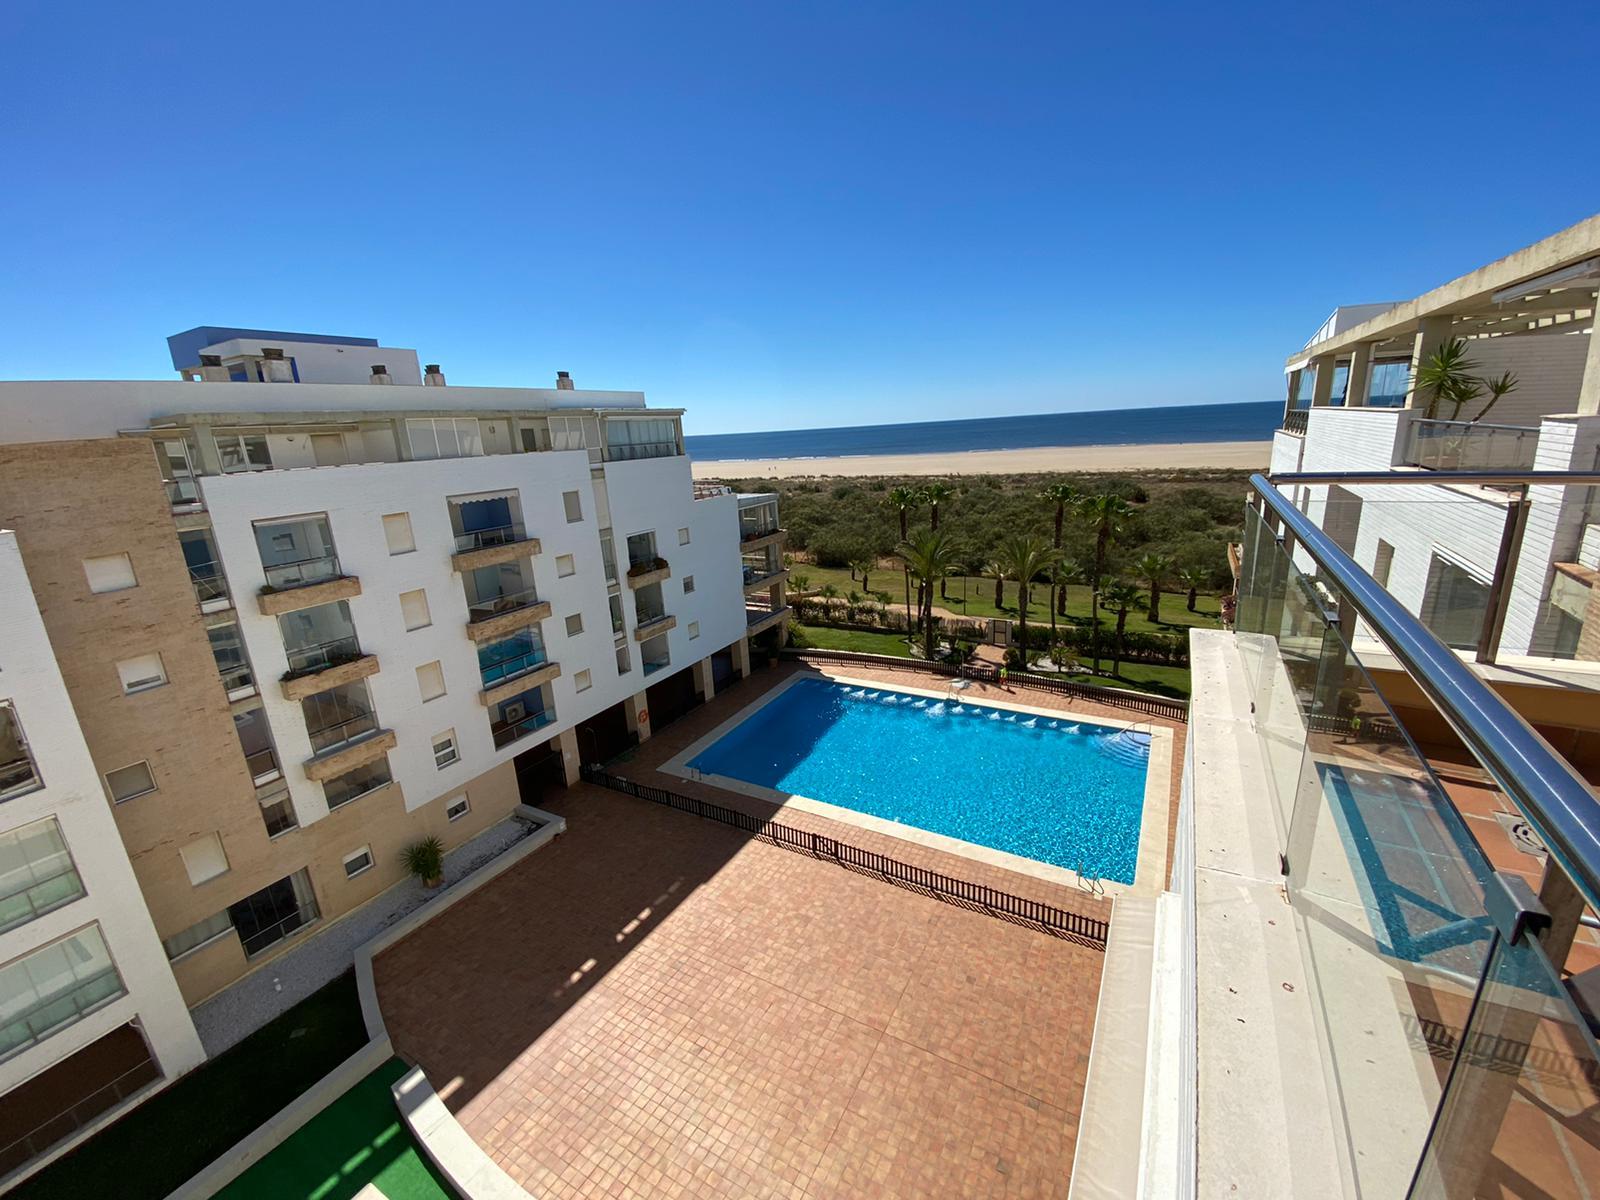 Imagen 35 del Apartamento Turístico, Ático 6 Poniente (3d+2b), Punta del Moral (HUELVA), Paseo de la Cruz nº22